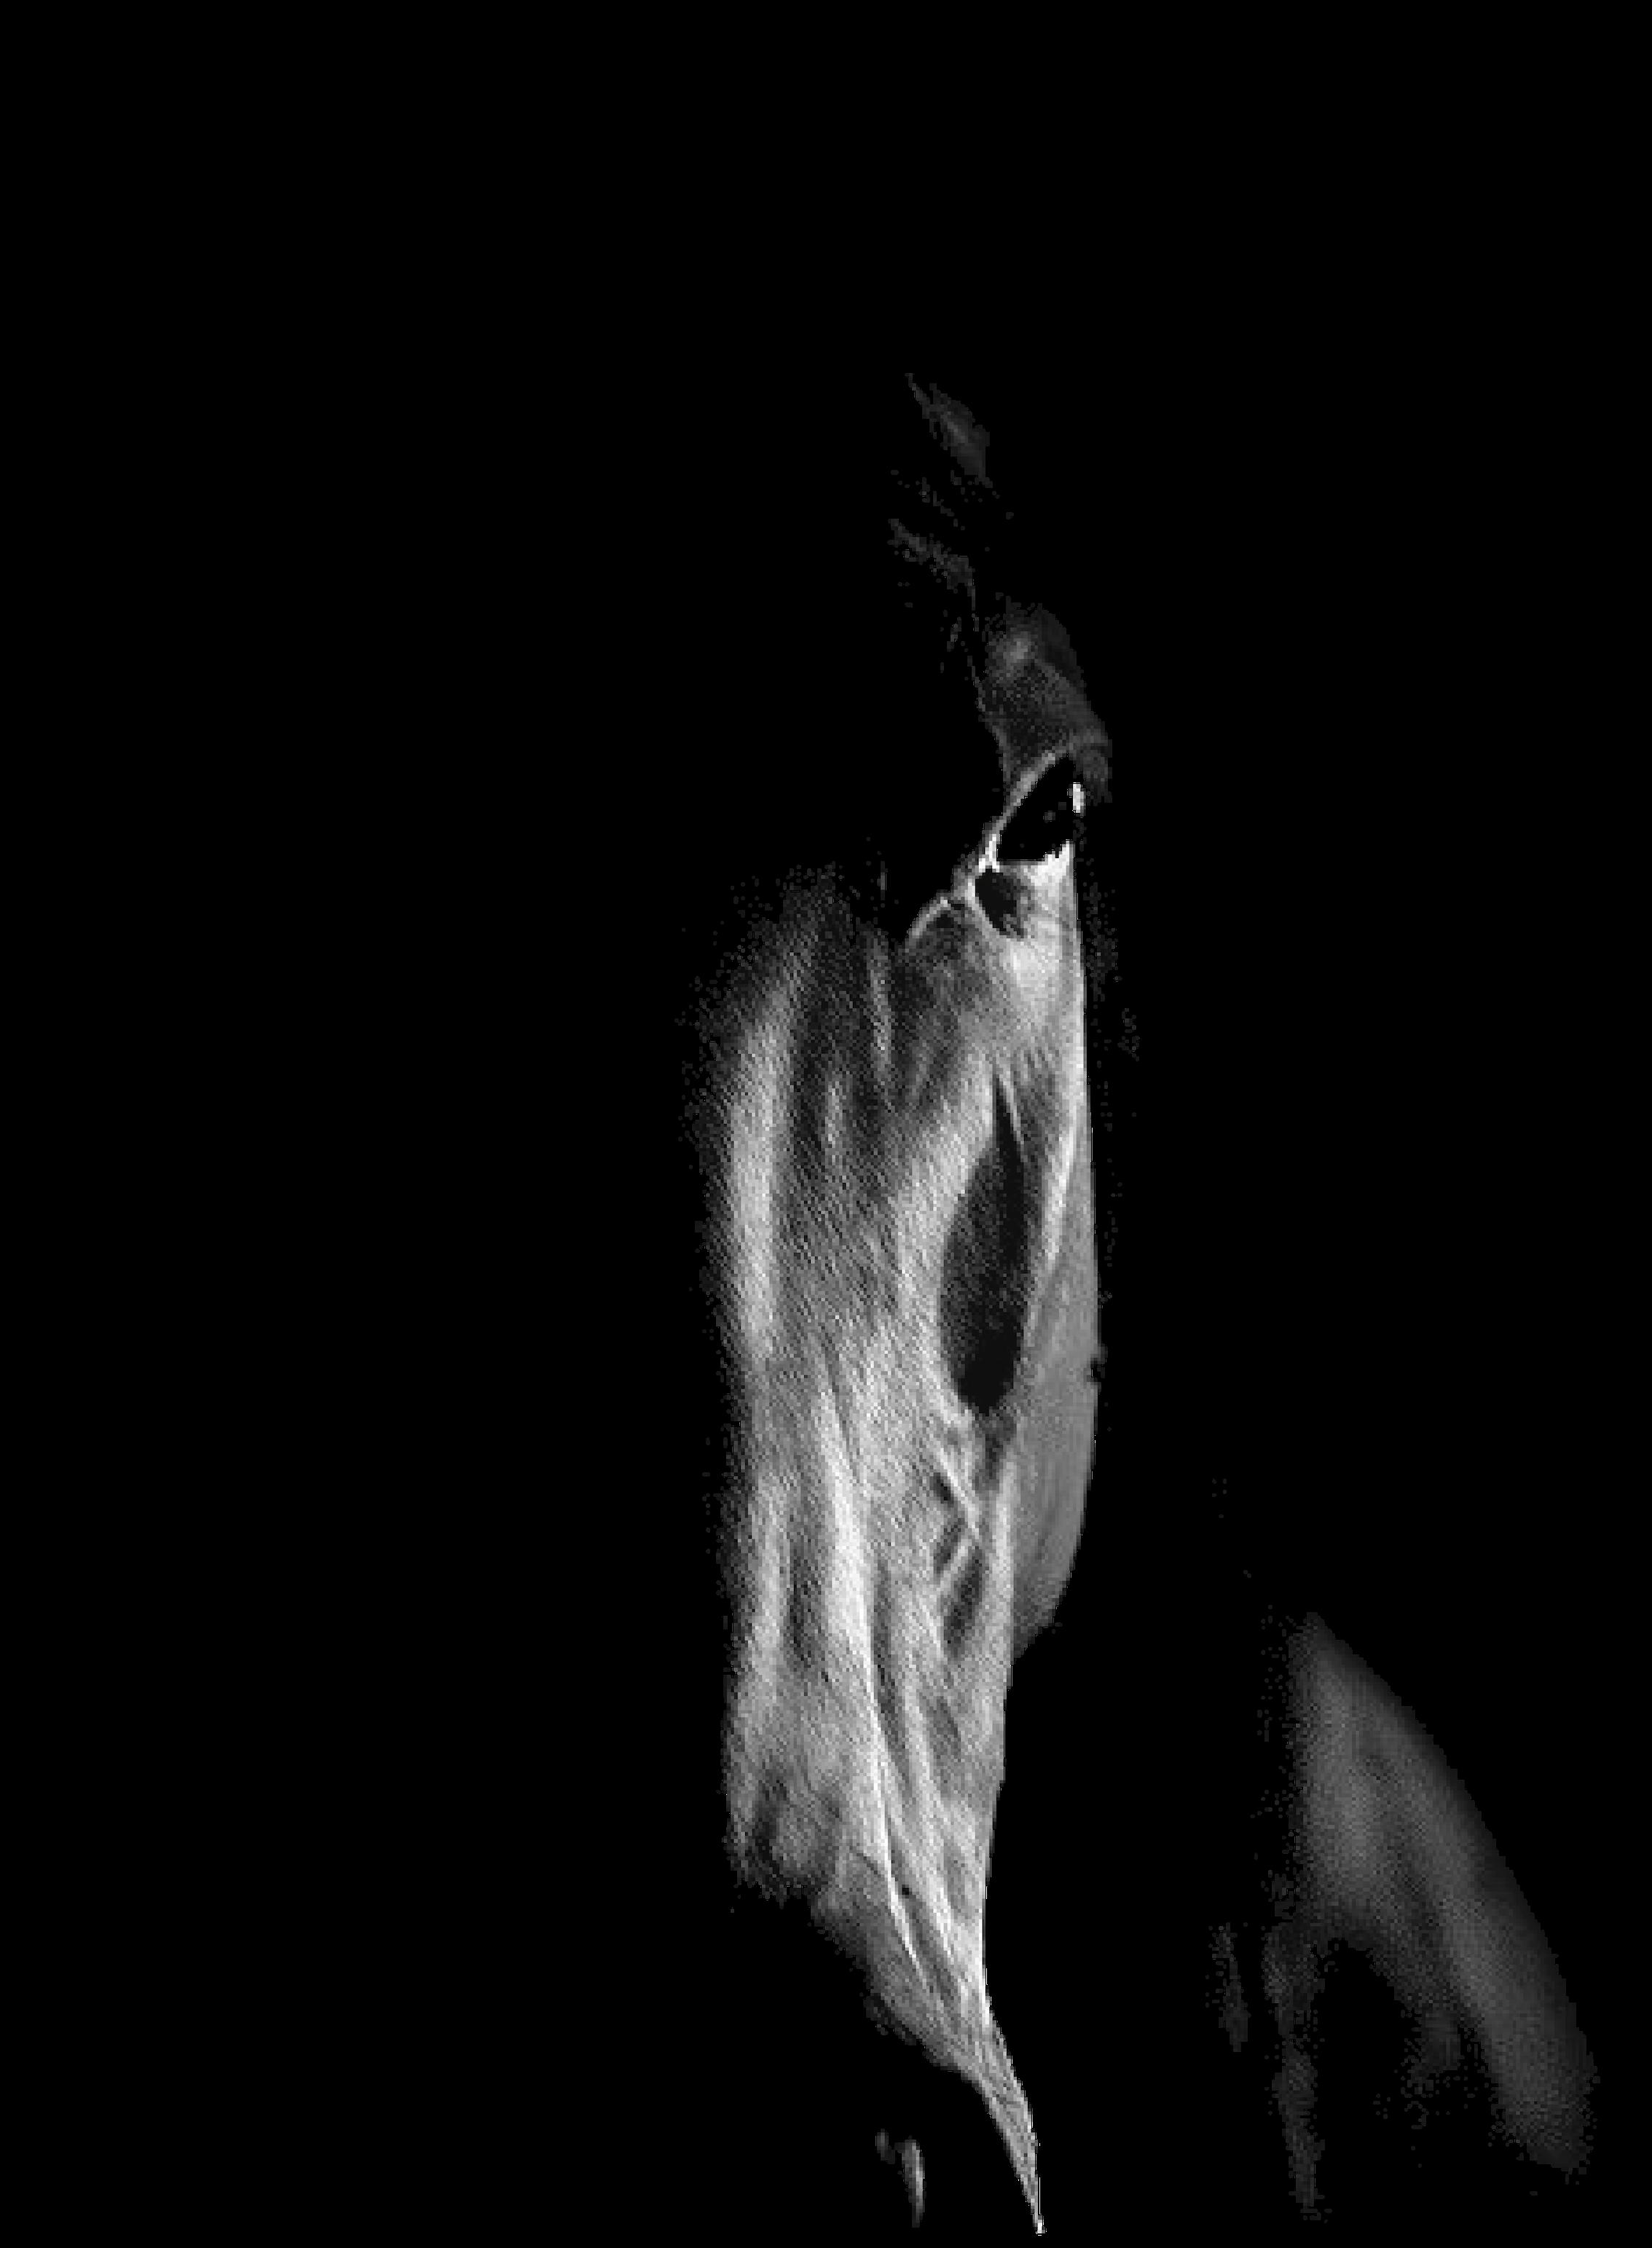 cara caballo negro copia.png